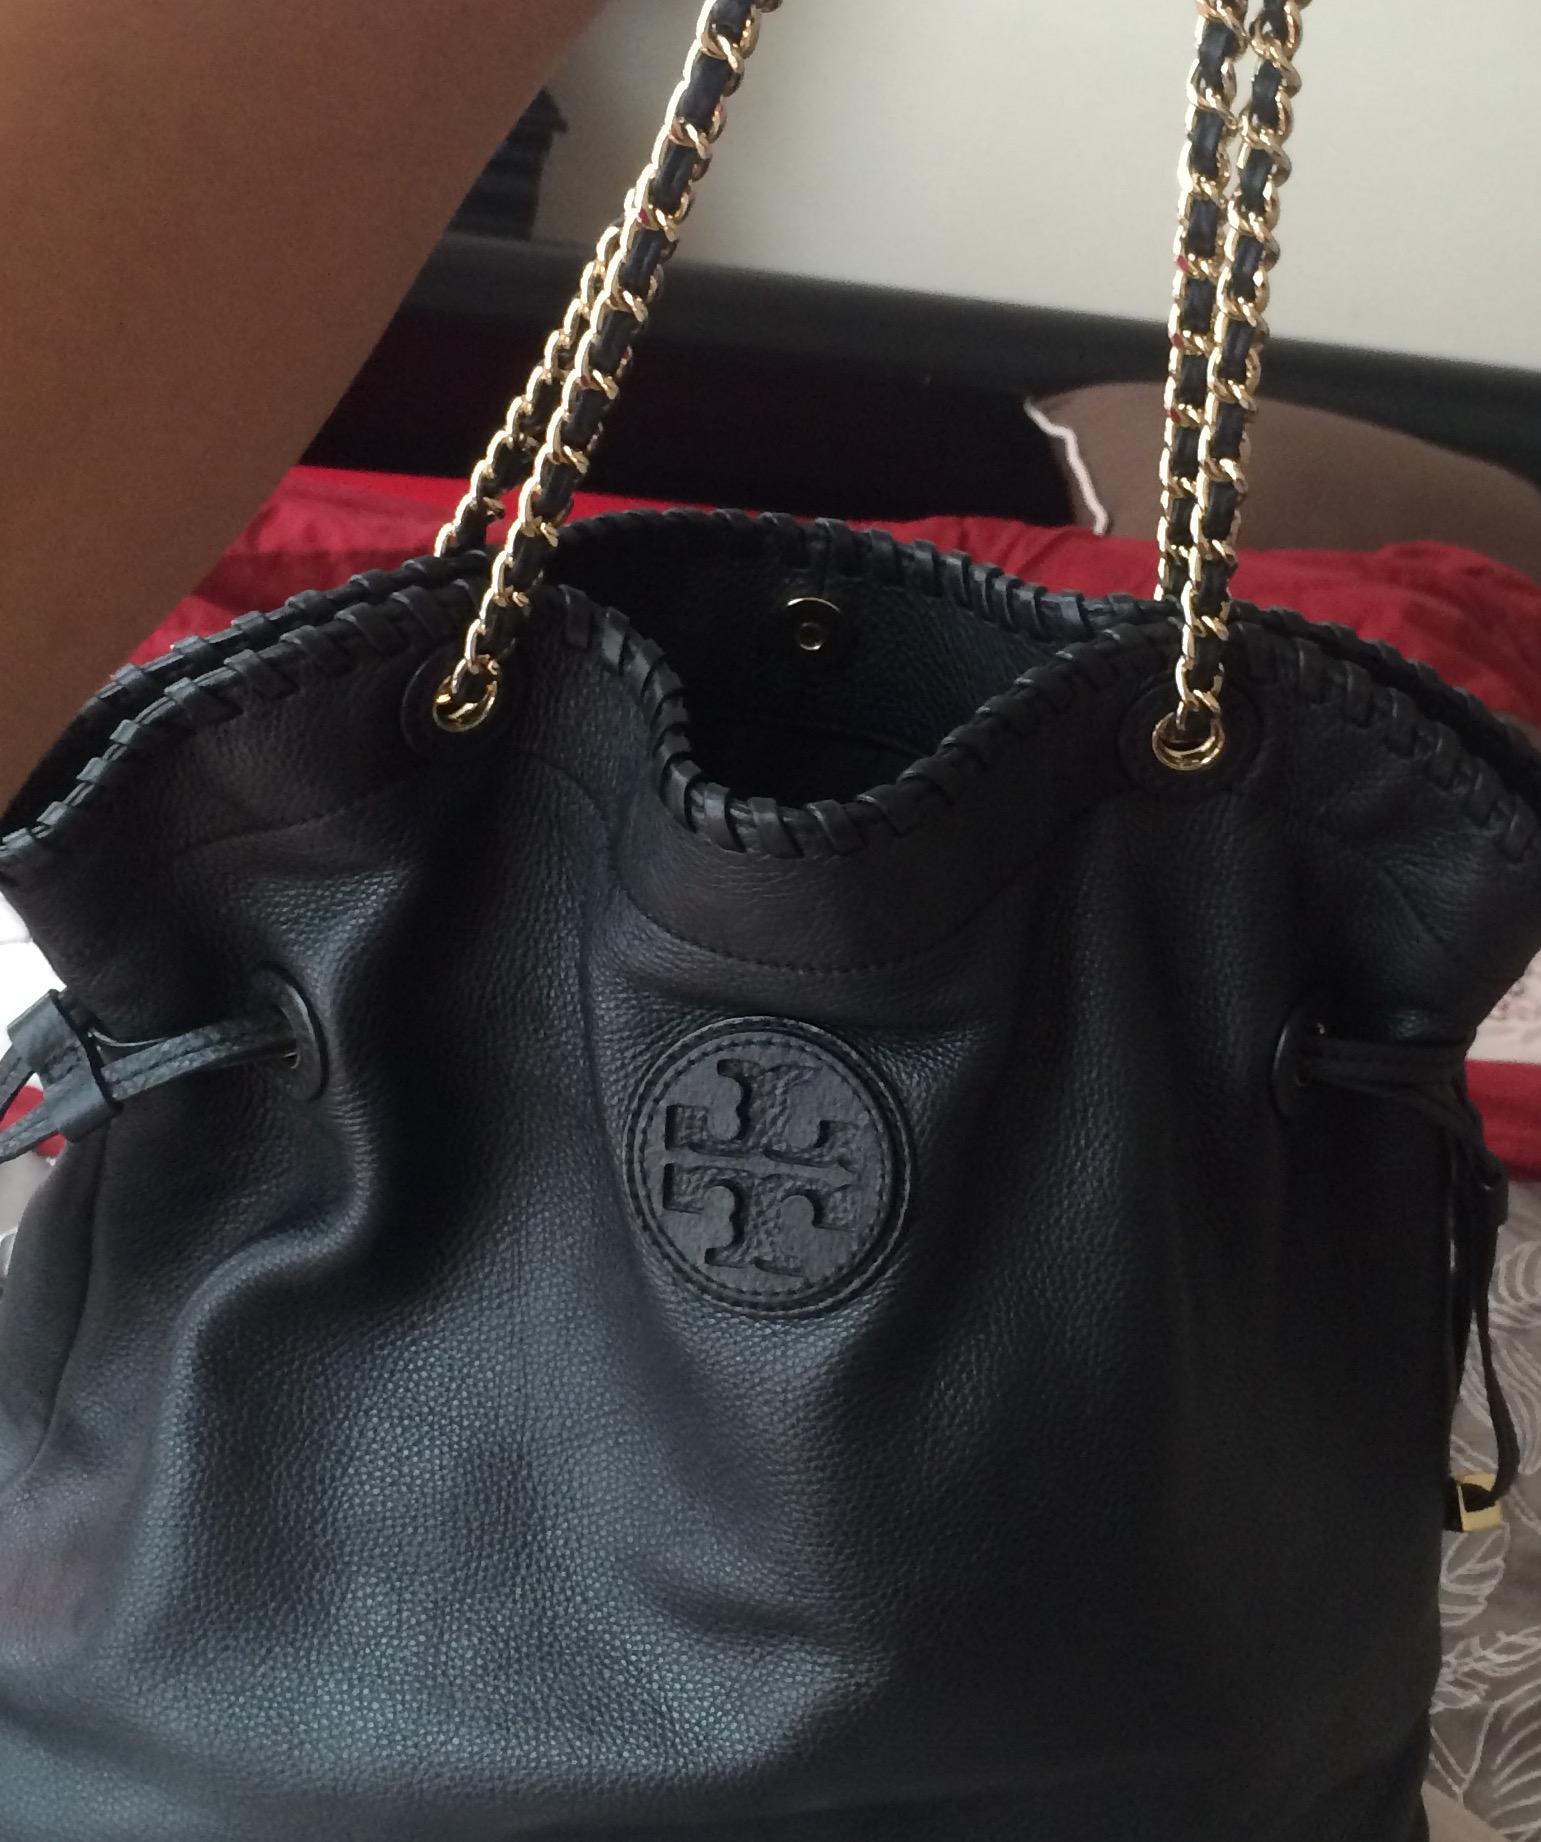 a25228b5754 Tory Burch Slouchy Marion Handbag